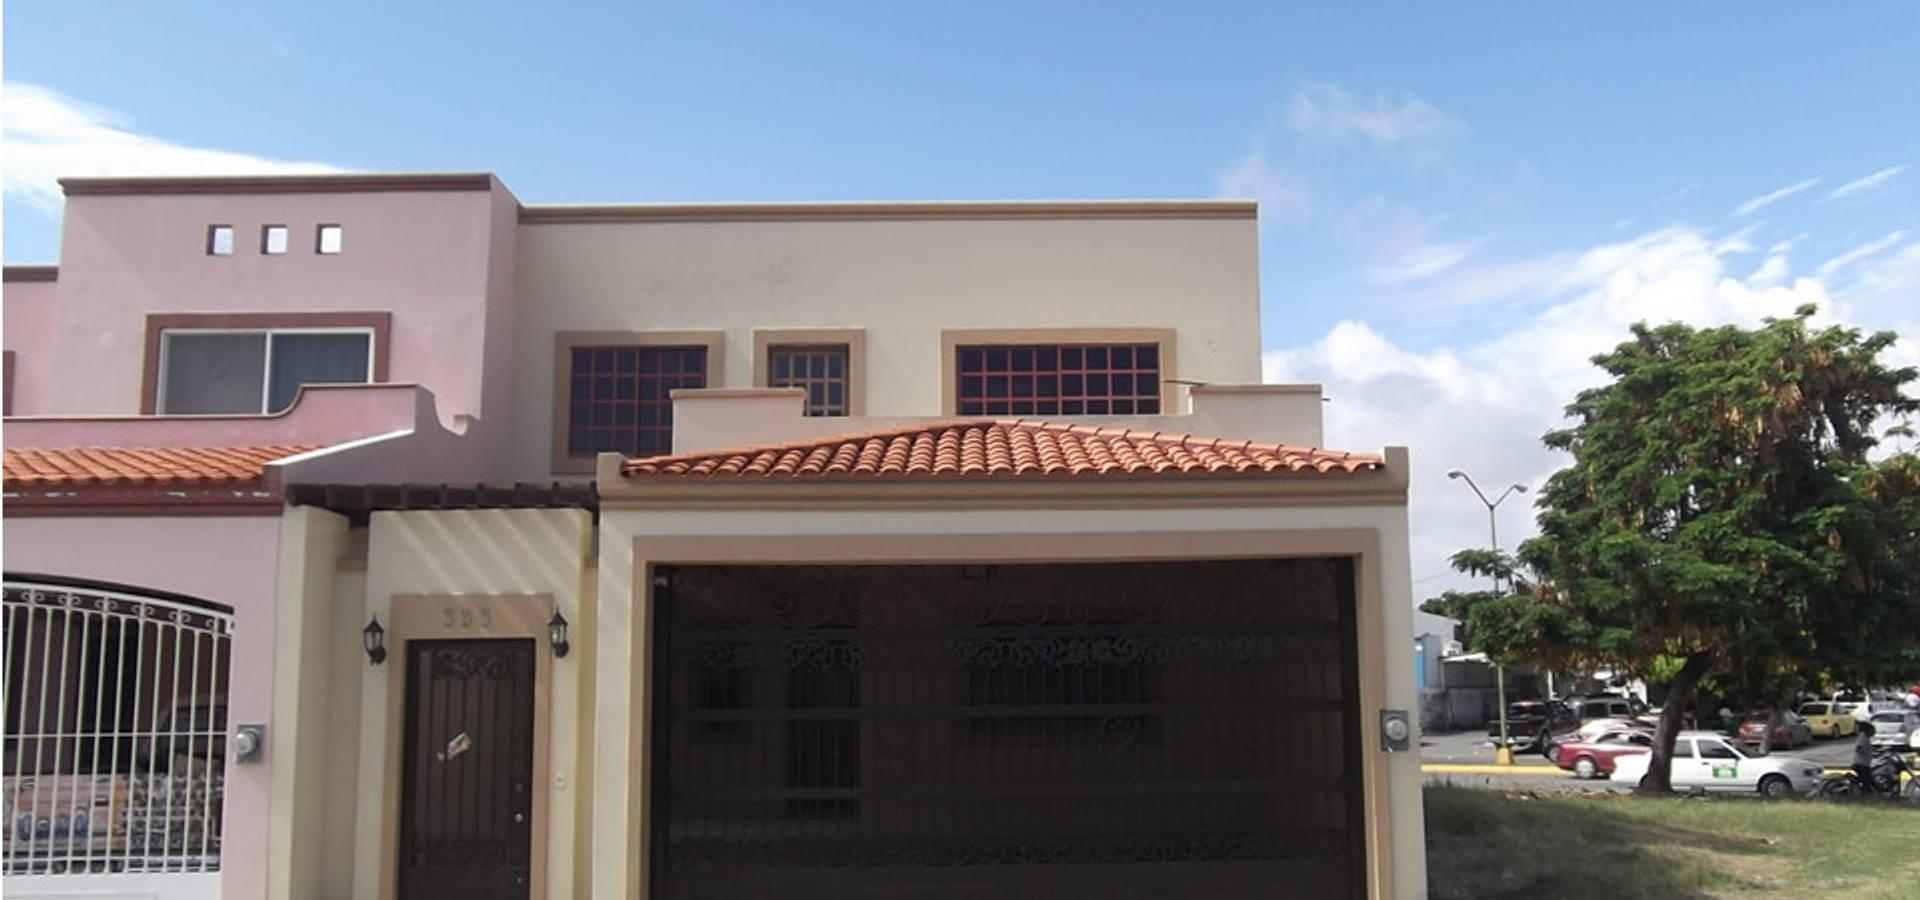 Casa at de cenit arquitectos homify for Homify casas